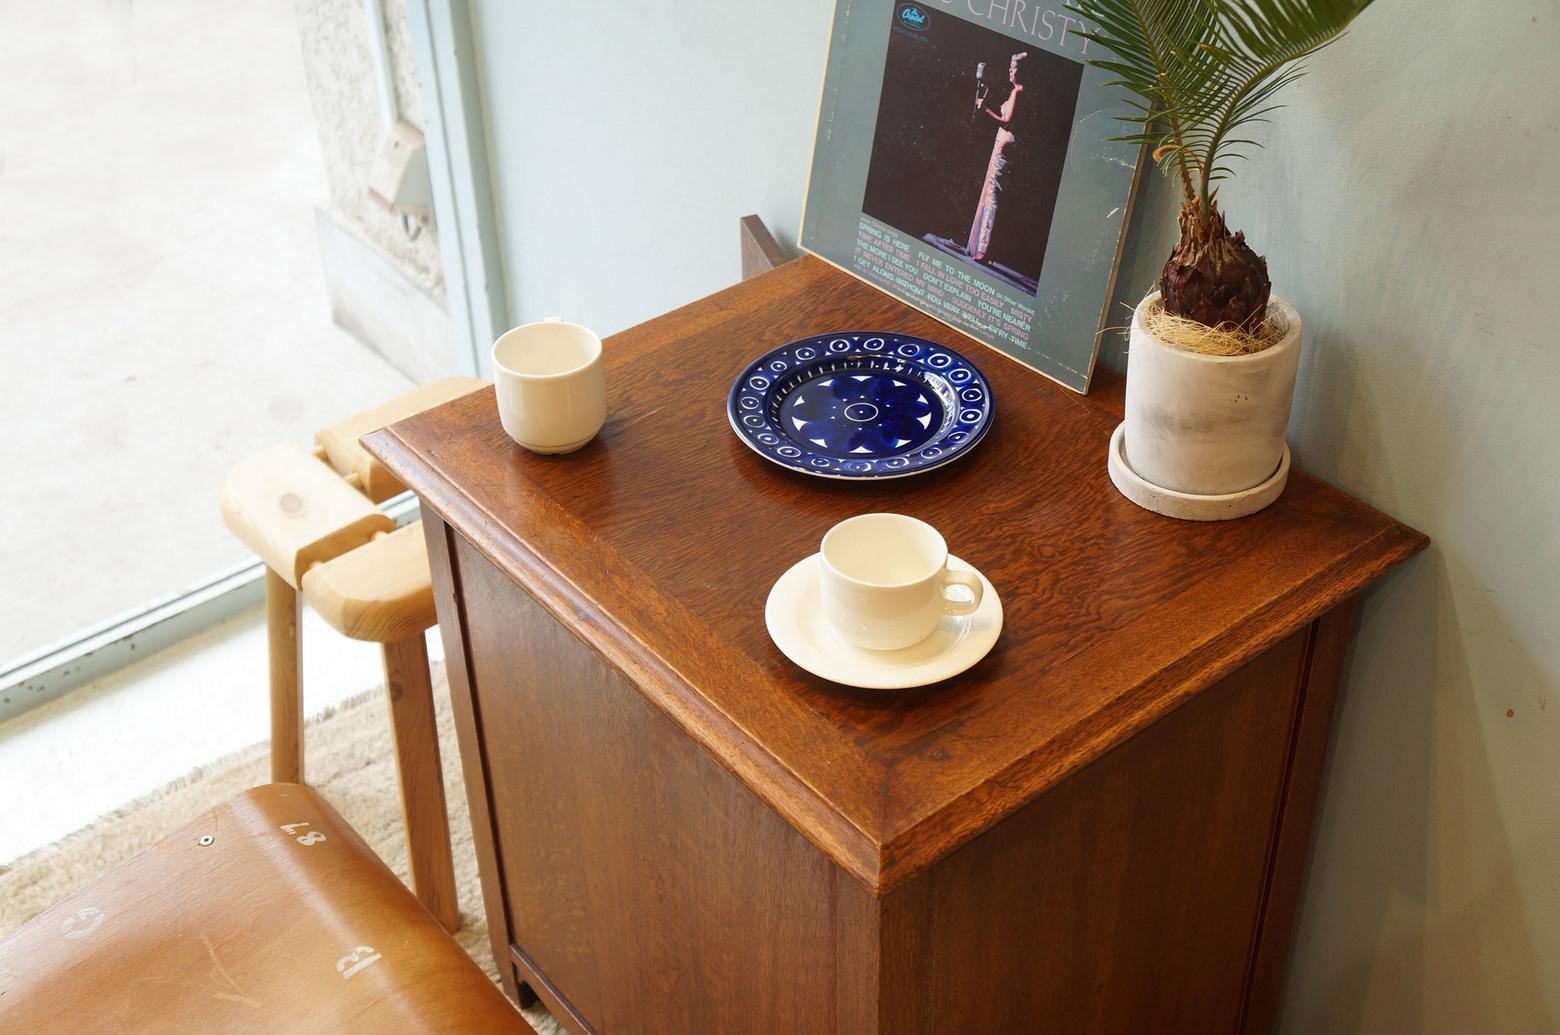 Japanese Vintage Record Cabinet/ジャパンヴィンテージ レコードキャビネット オーク材 収納 レトロモダン